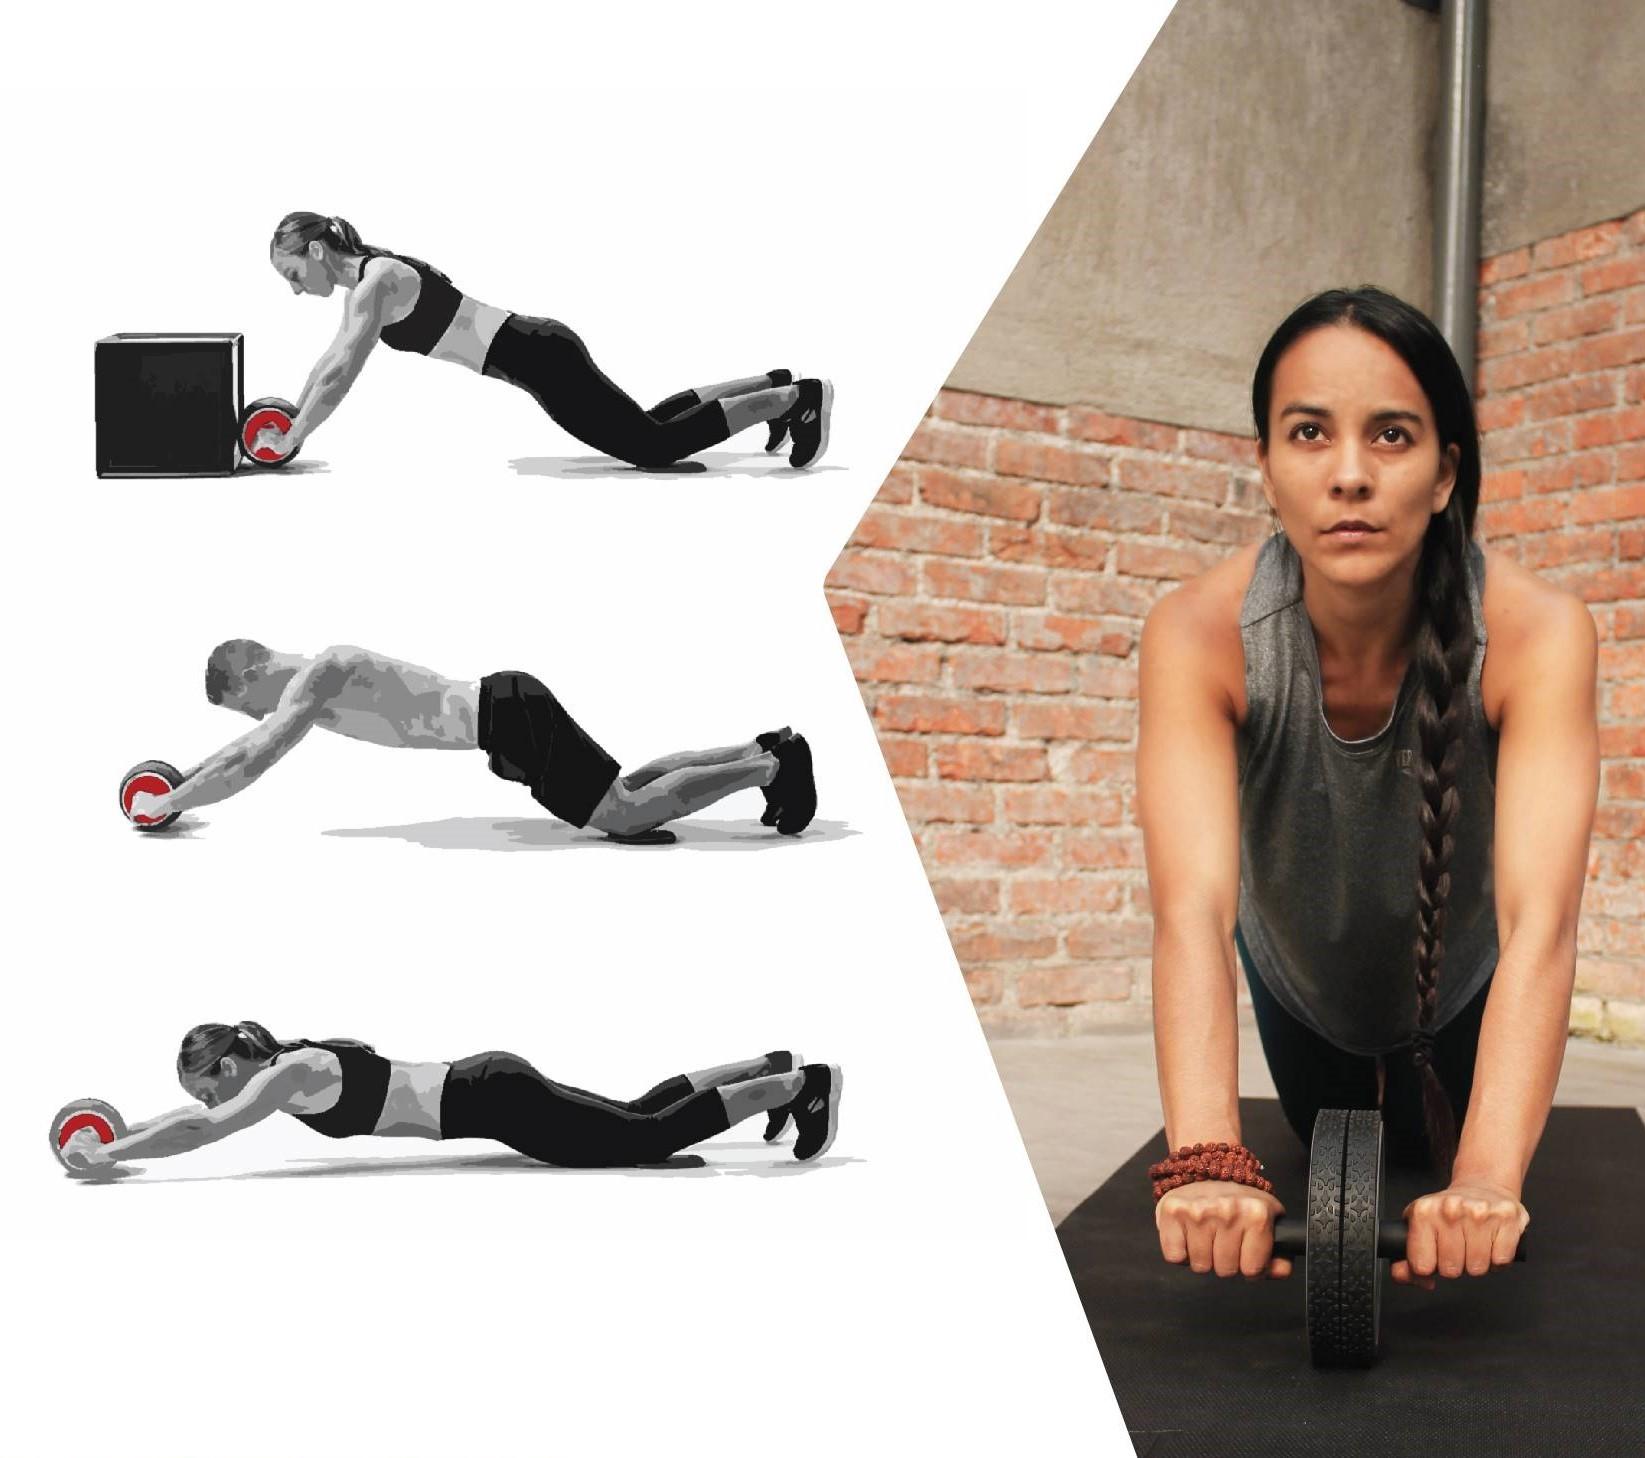 Prevenga dolores de espalda y aumente su rendimiento deportivo